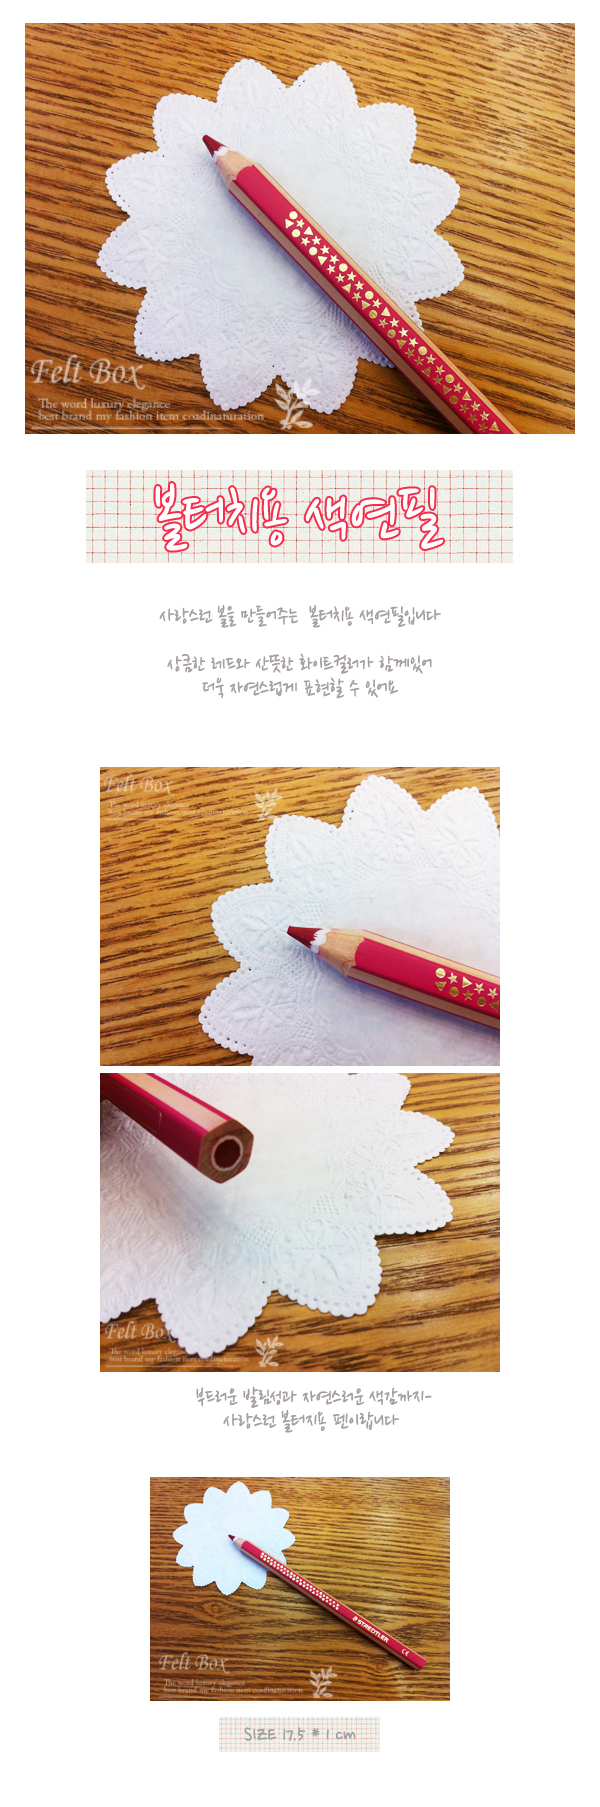 볼터치용 점보 색연필 - 펠트박스, 3,900원, 퀼트/원단공예, 펜/핀/부자재